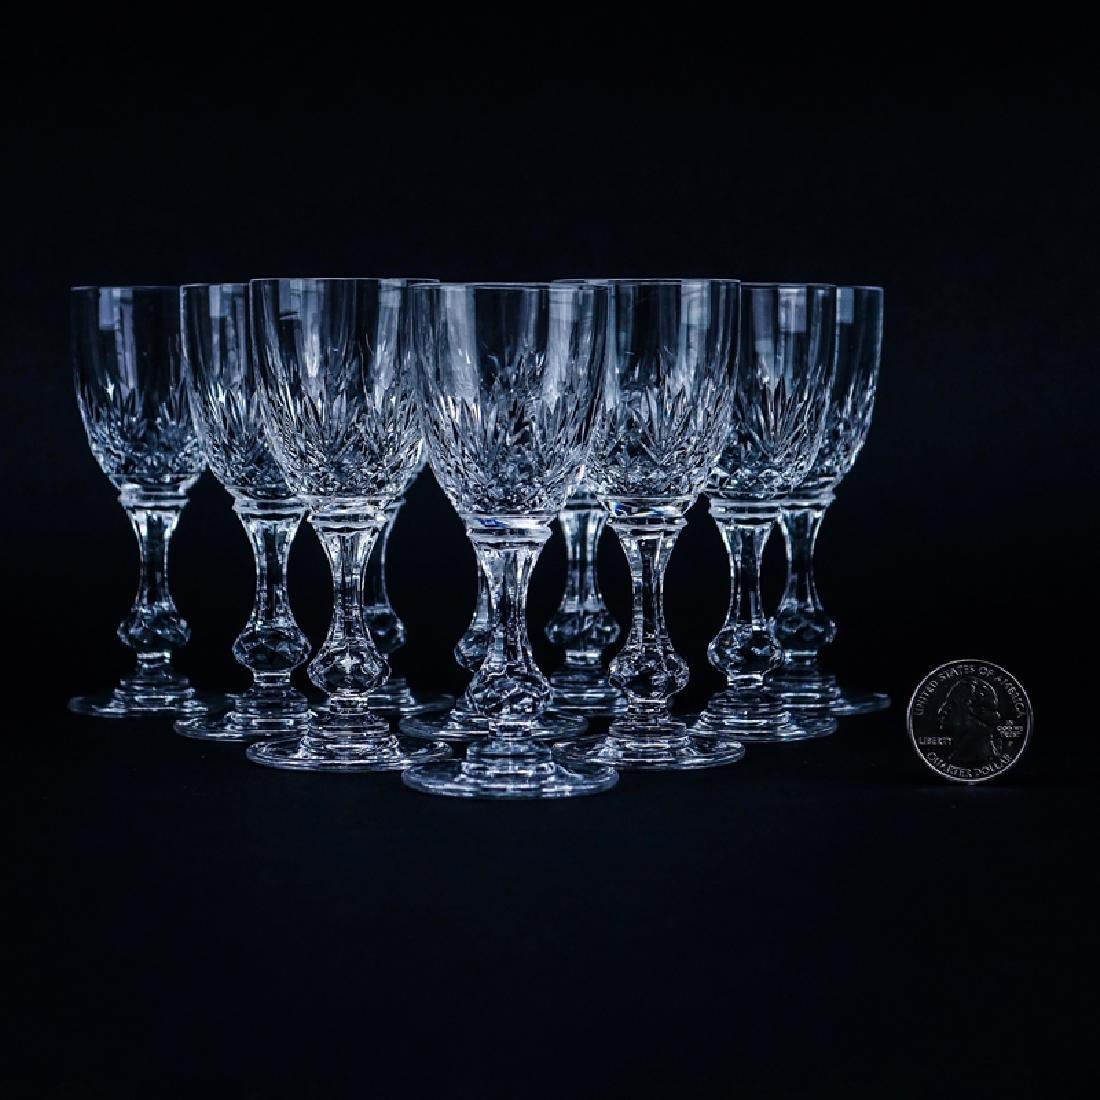 Ten (10) Saint Louis Cristal Massenet Cordial Glasses.